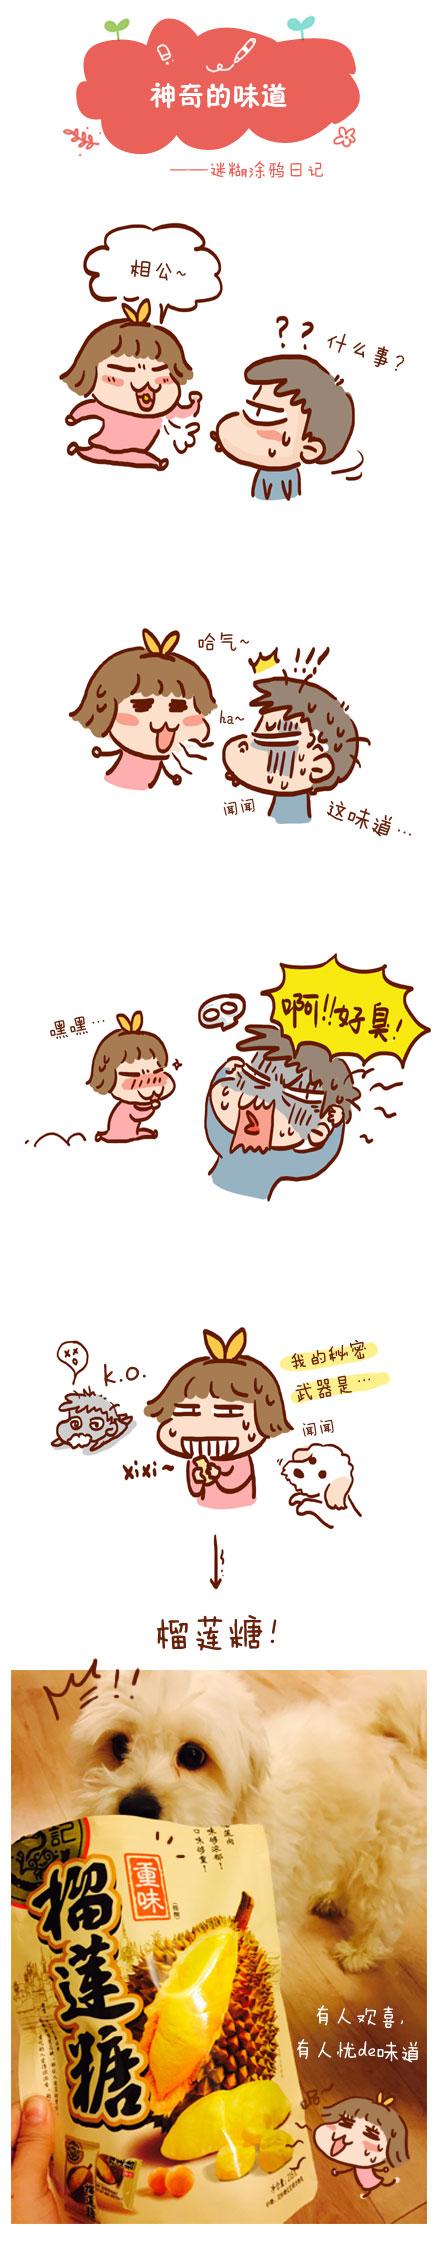 迷糊涂鸦日记|短篇/四格漫画|动漫|小小小迷糊